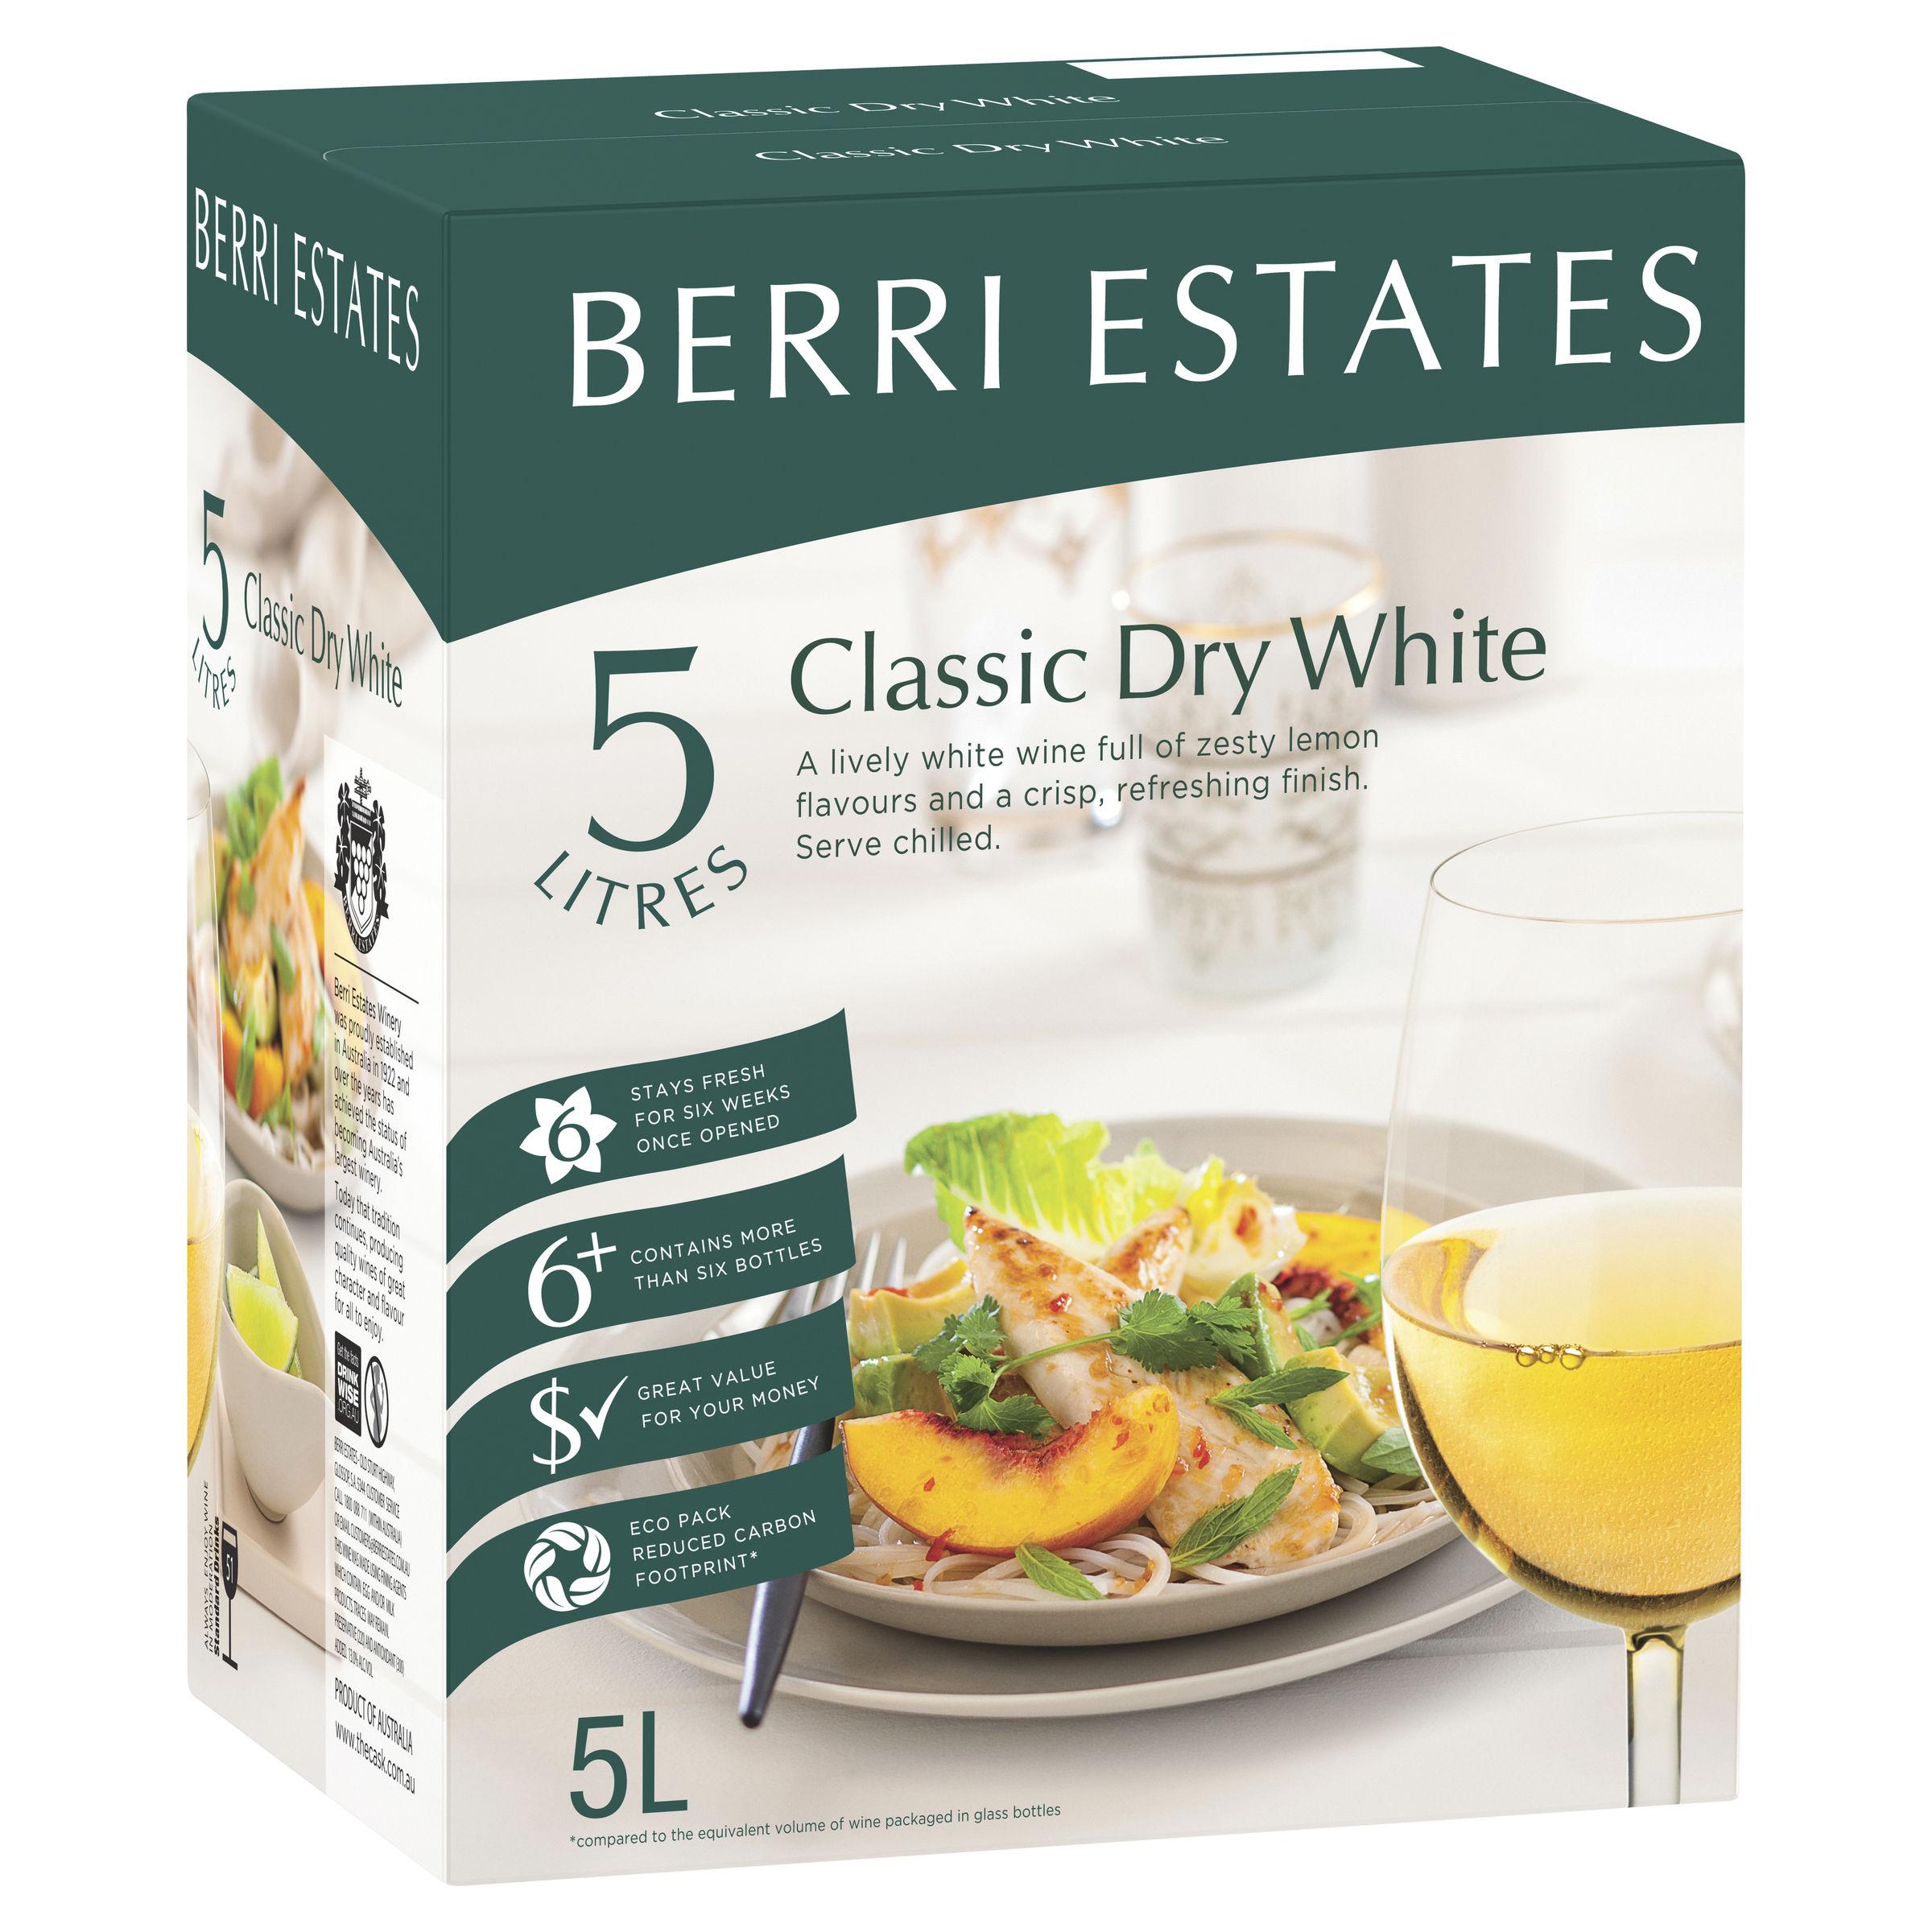 BERRI ESTATES CLASSIC DRY WHITE